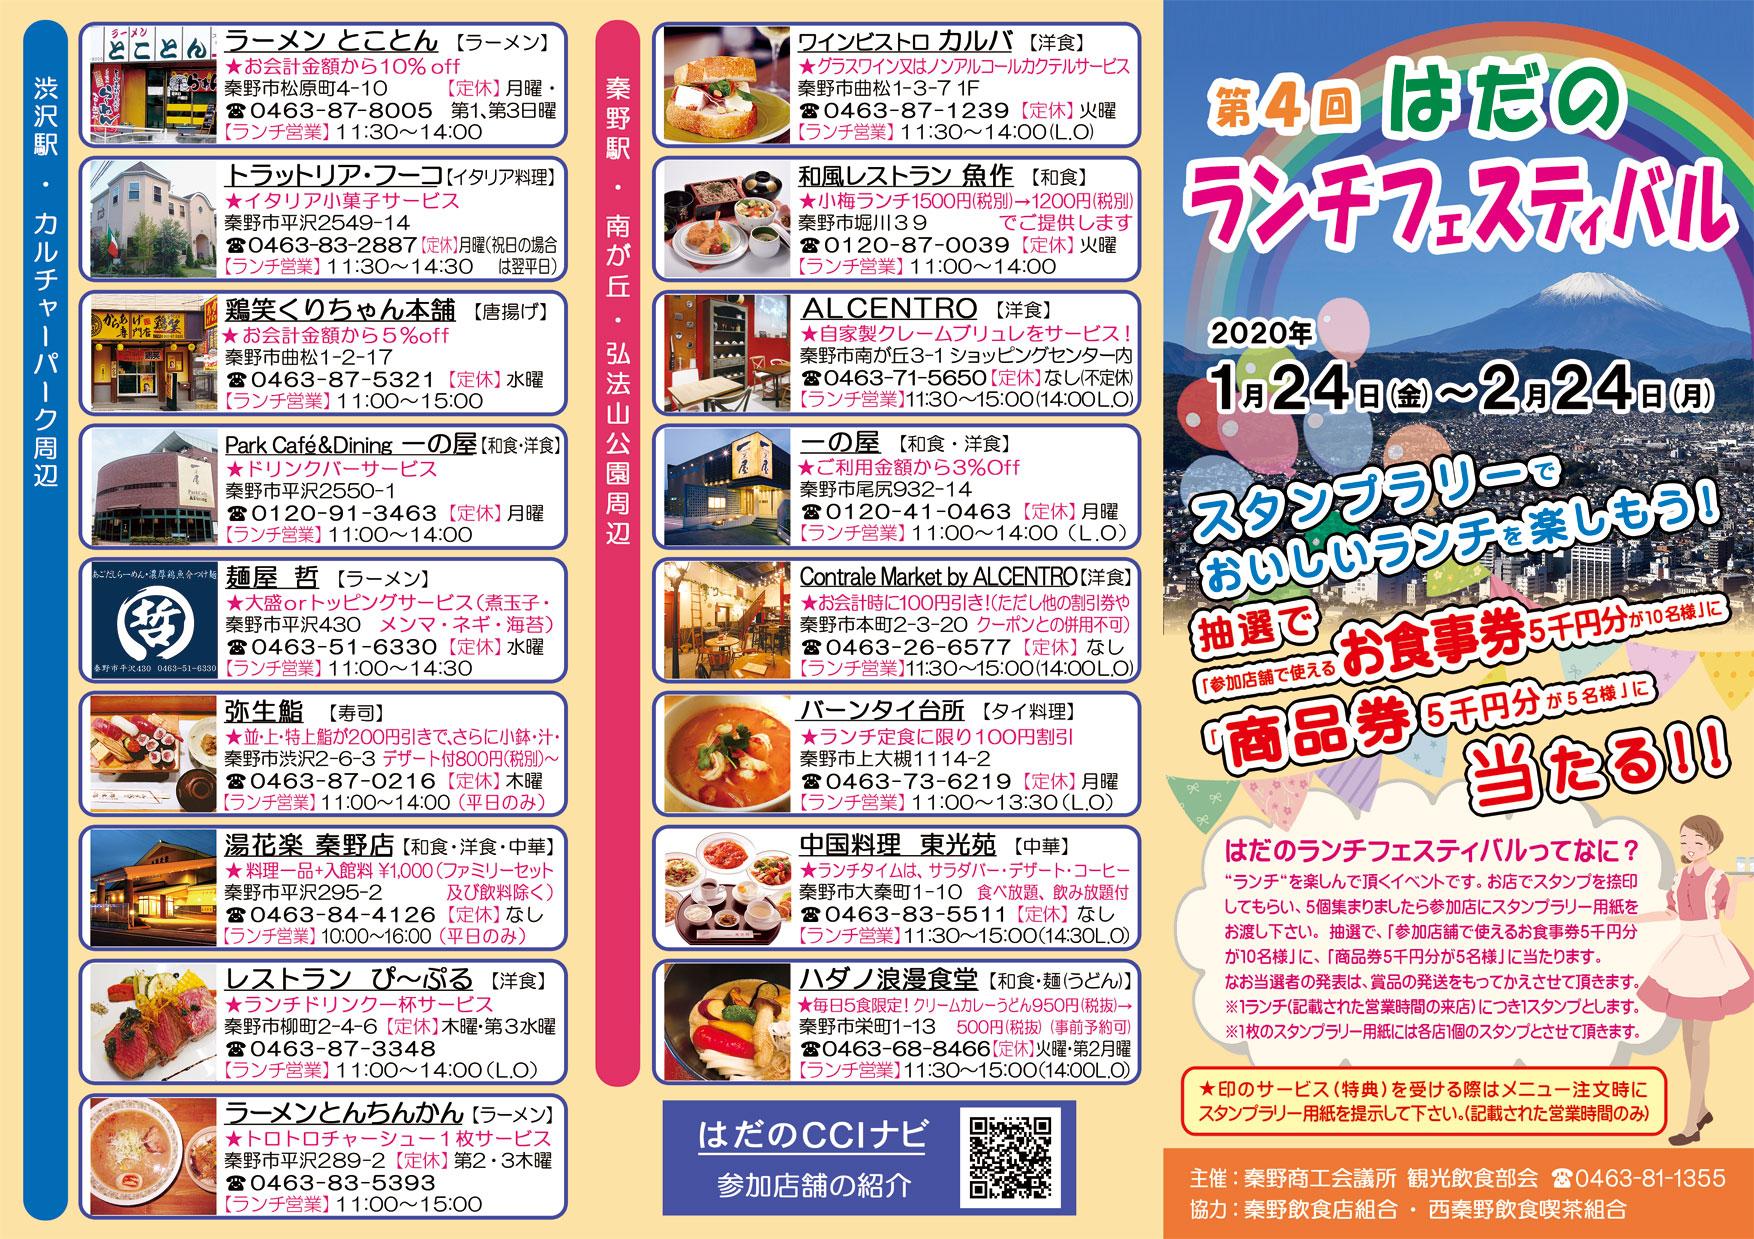 【全34店紹介】大盛り無料も!秦野で美味しく&お得に巡る「はだのランチフェスティバル2020」